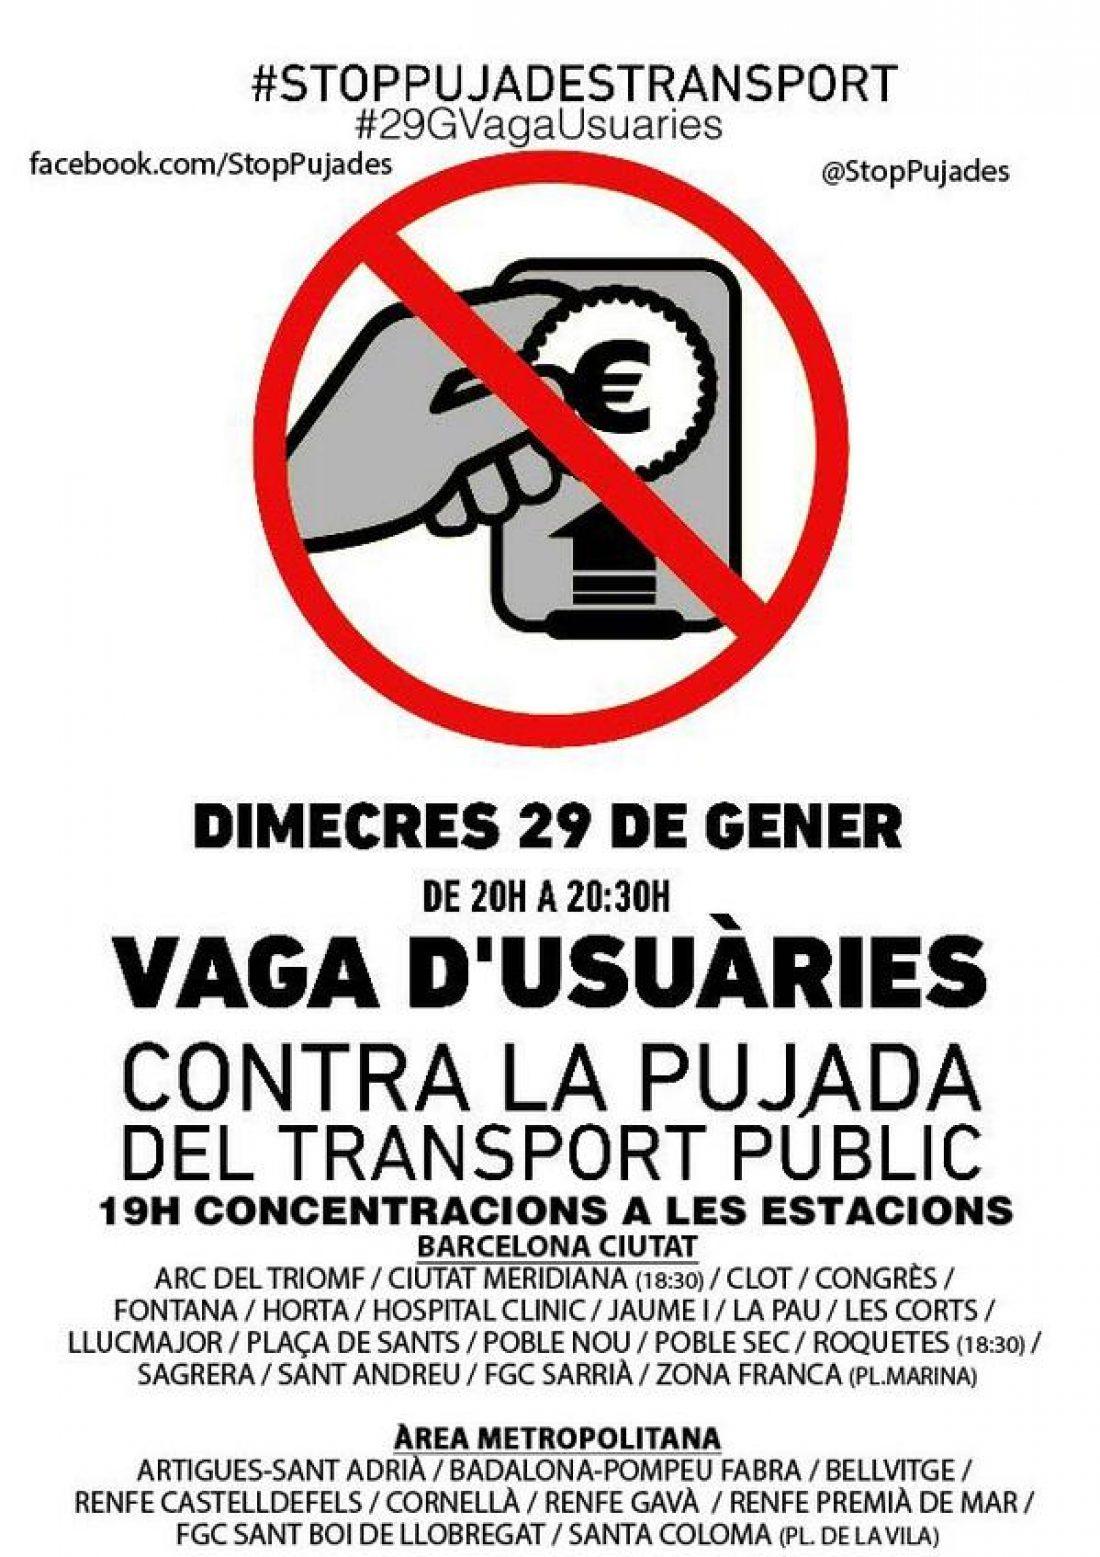 Convocada el miércoles 29 de enero una huelga de usuarias y usuarios en Barcelona y área metropolitana de 20:00 a 20:30 para exigir la retirada del aumento del precio del transporte público de 2014